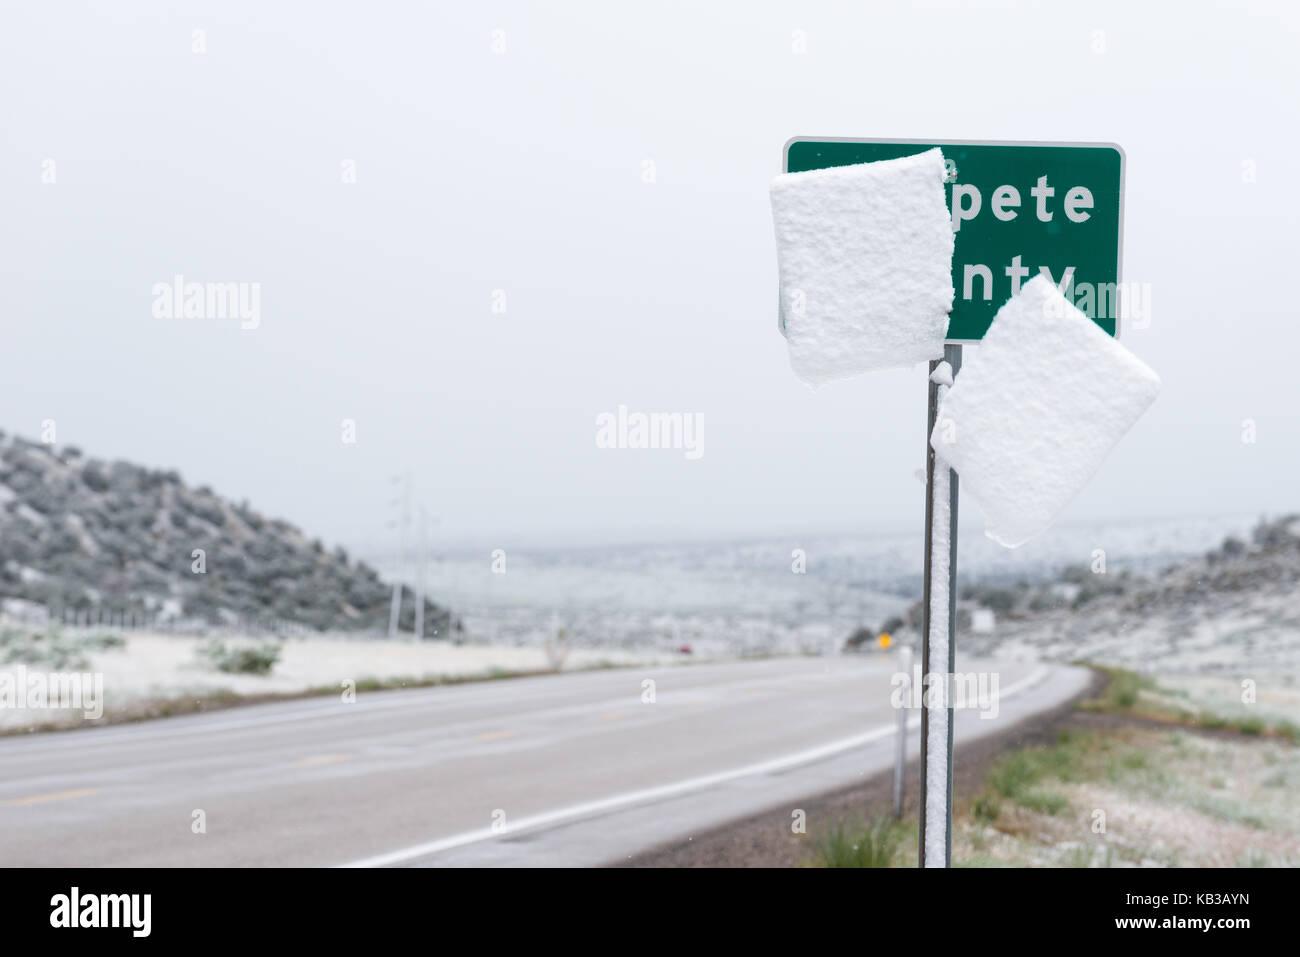 Snow slab sliding off Sanpete County sign along Highway 28 in Central Utah. - Stock Image